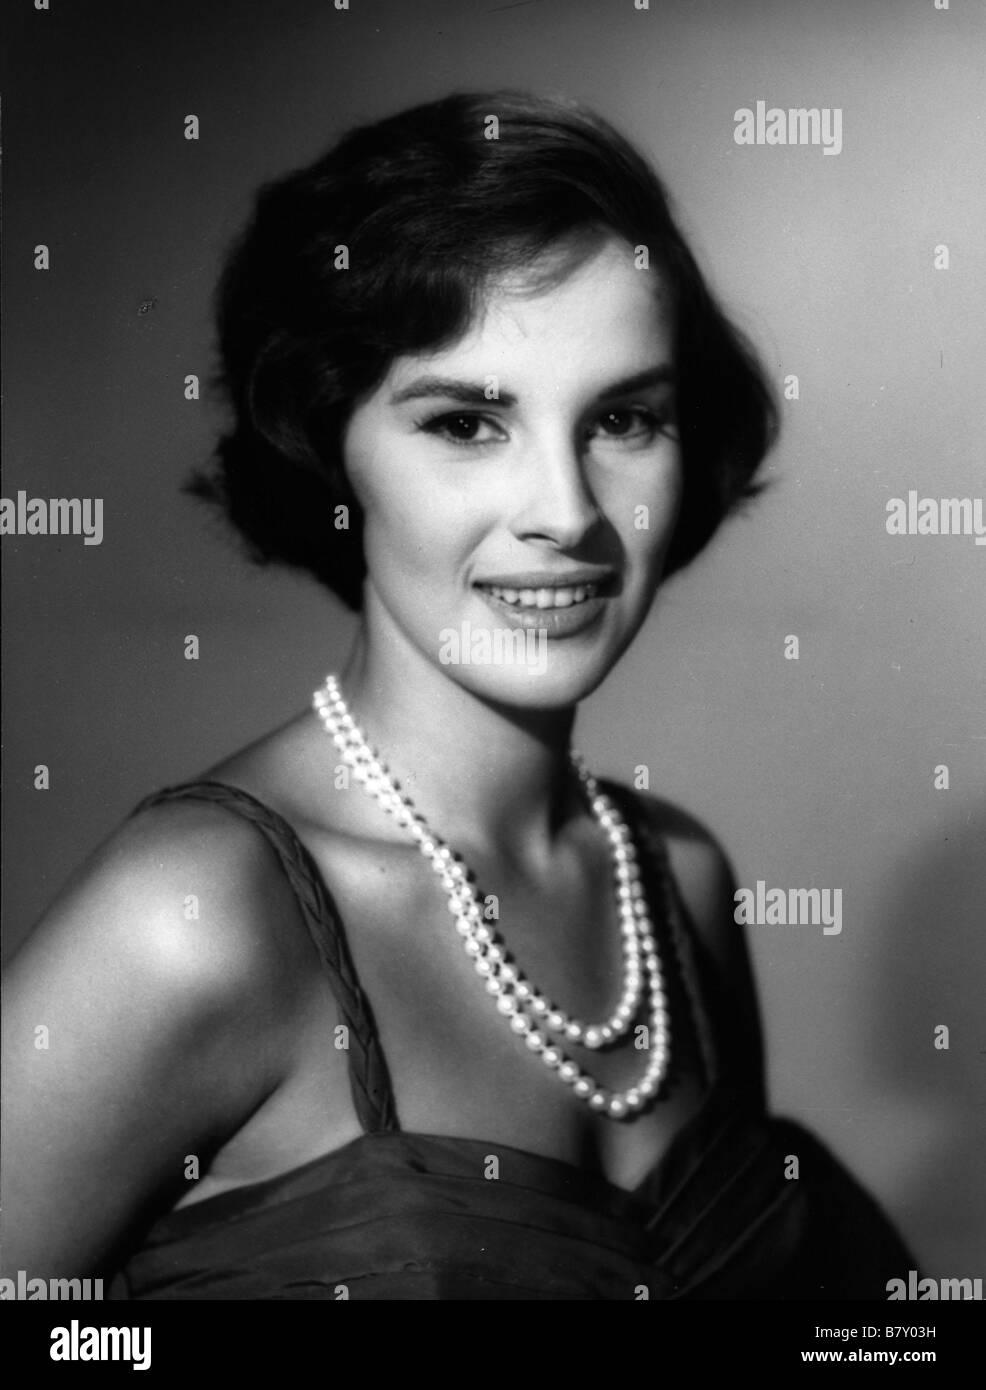 Antonella Lualdi (born 1931 (born in Beirut, Lebanon)